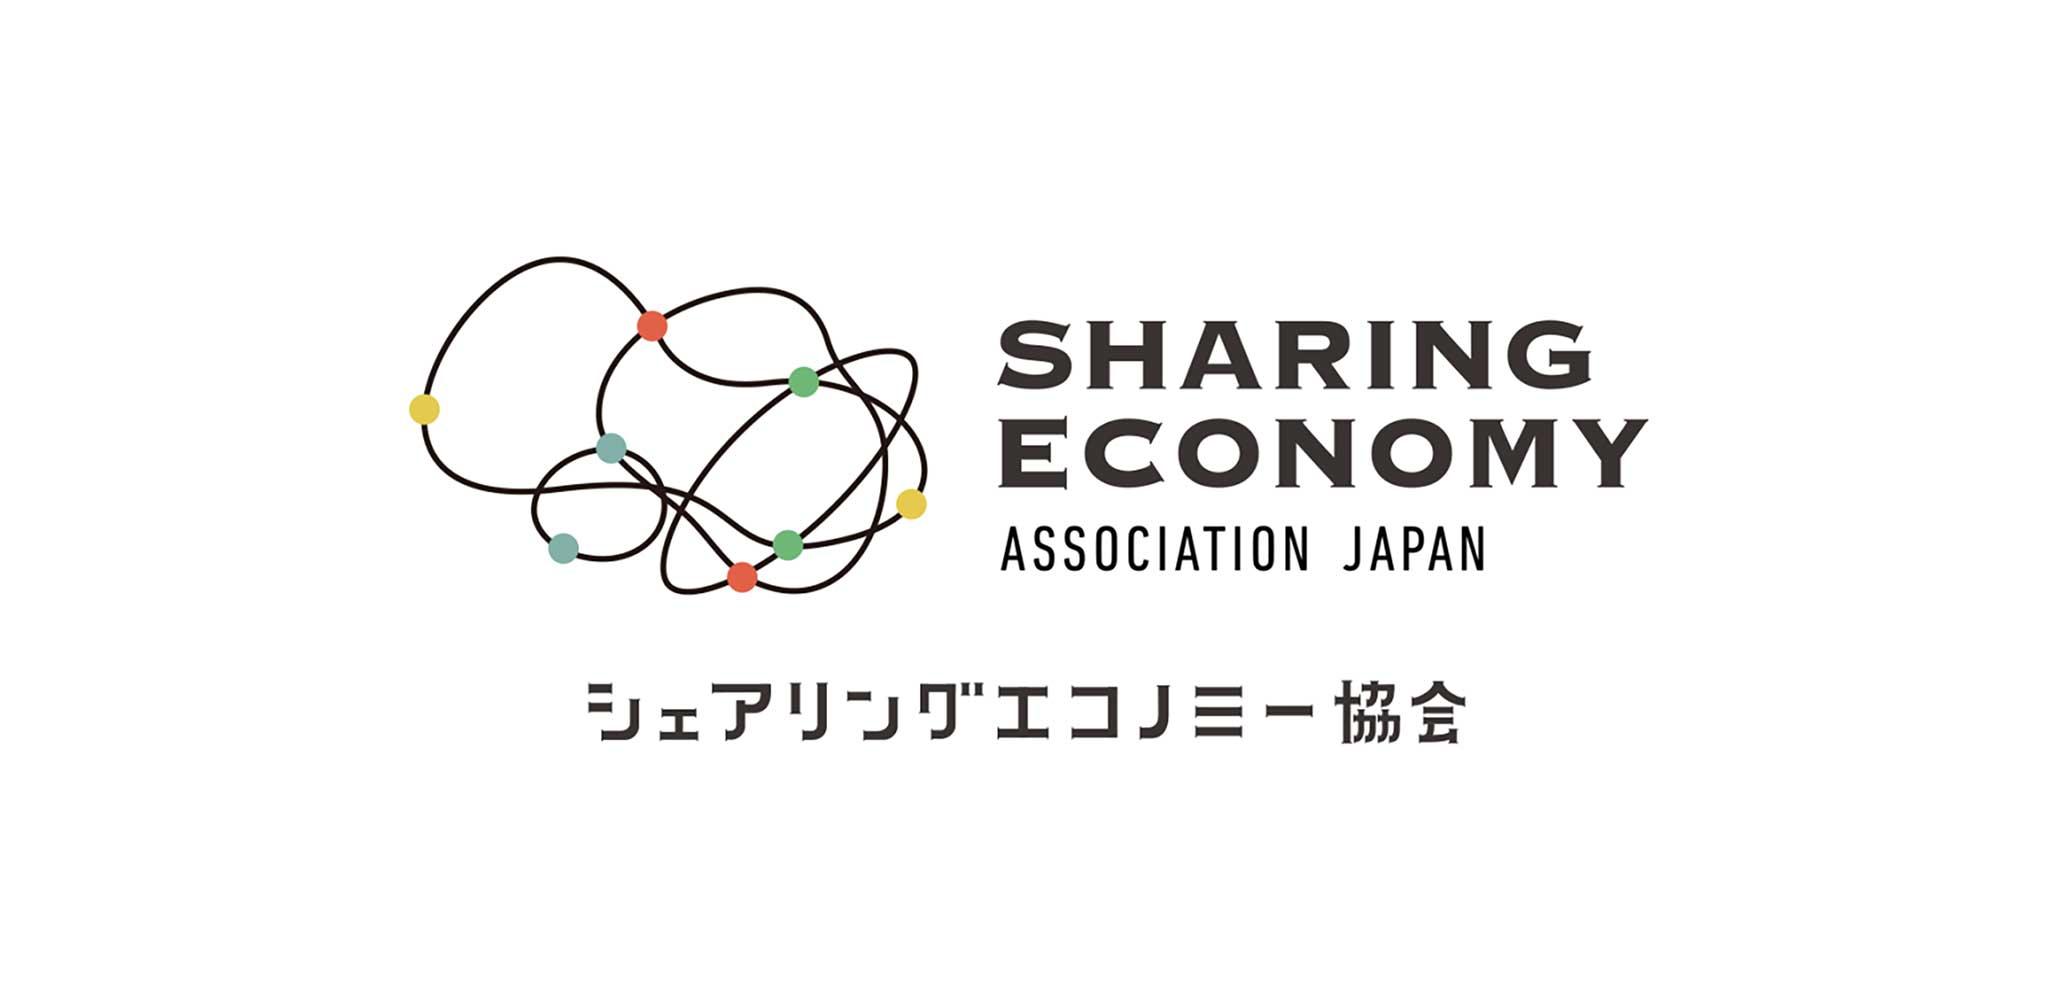 Atsumari・おたすけママン・Carstayらシェアサービスの運営会社を含む新規9社が加入